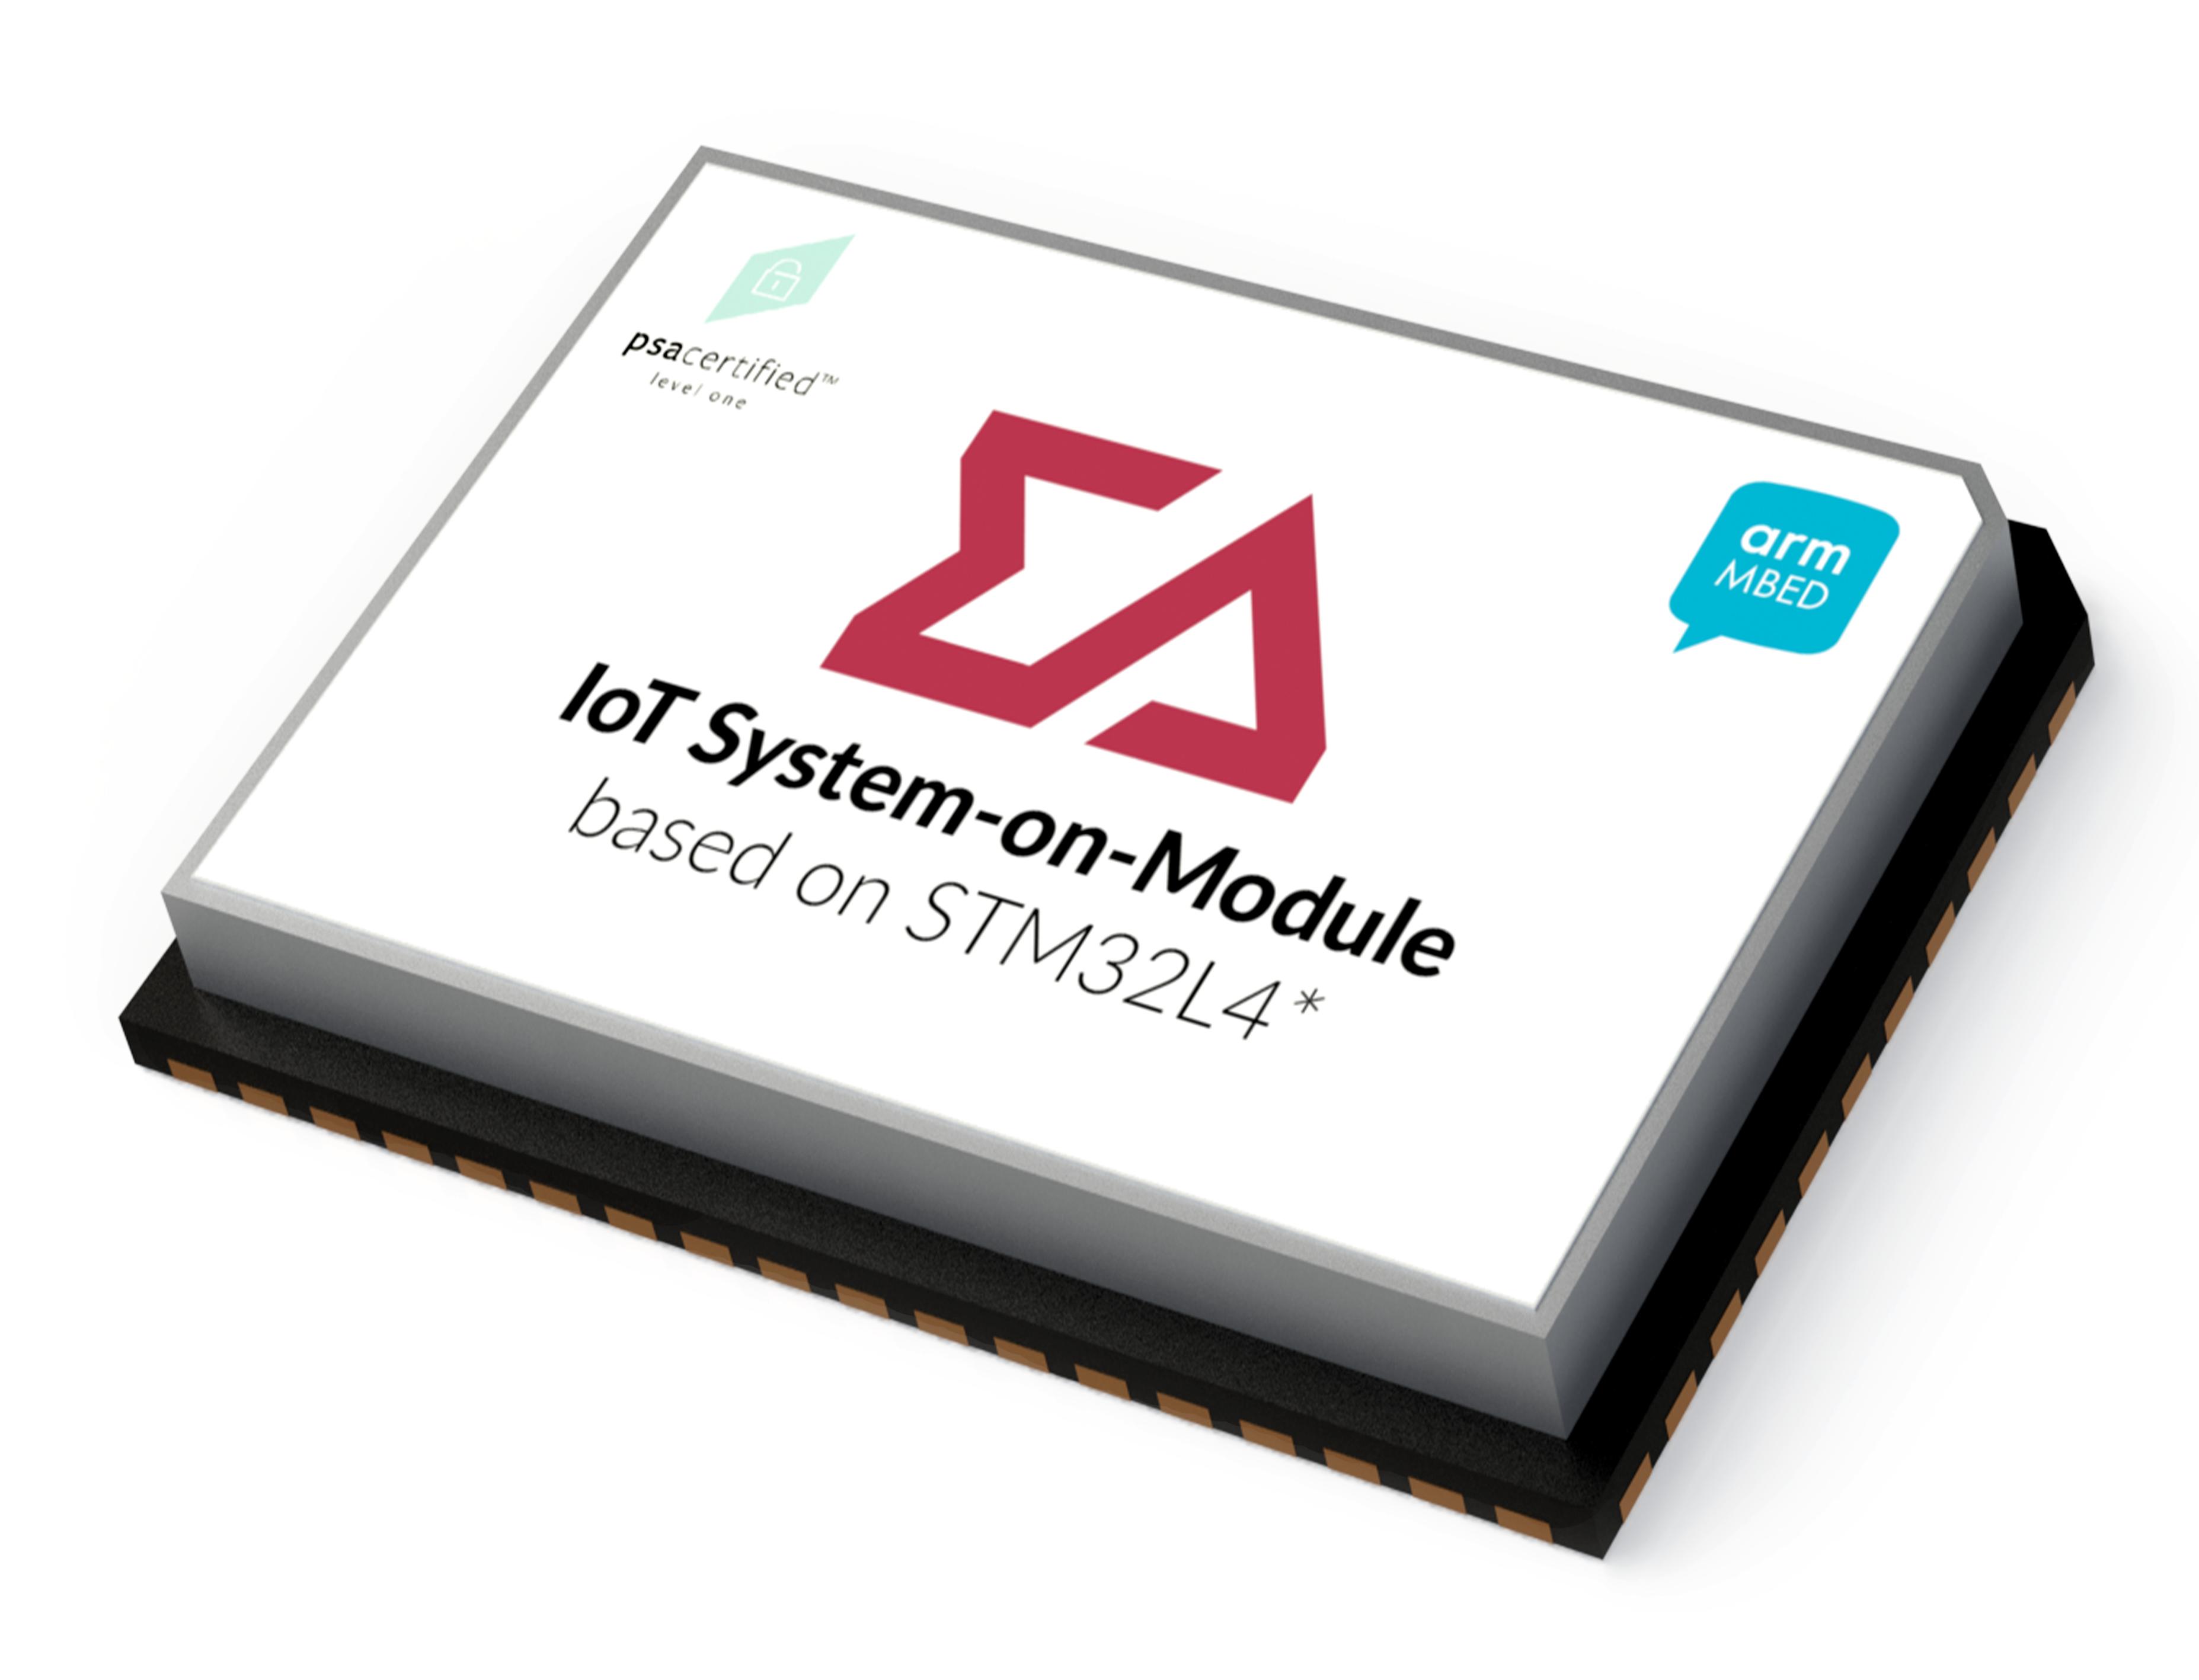 IoT system-on-module (SOM) based on STM32L4